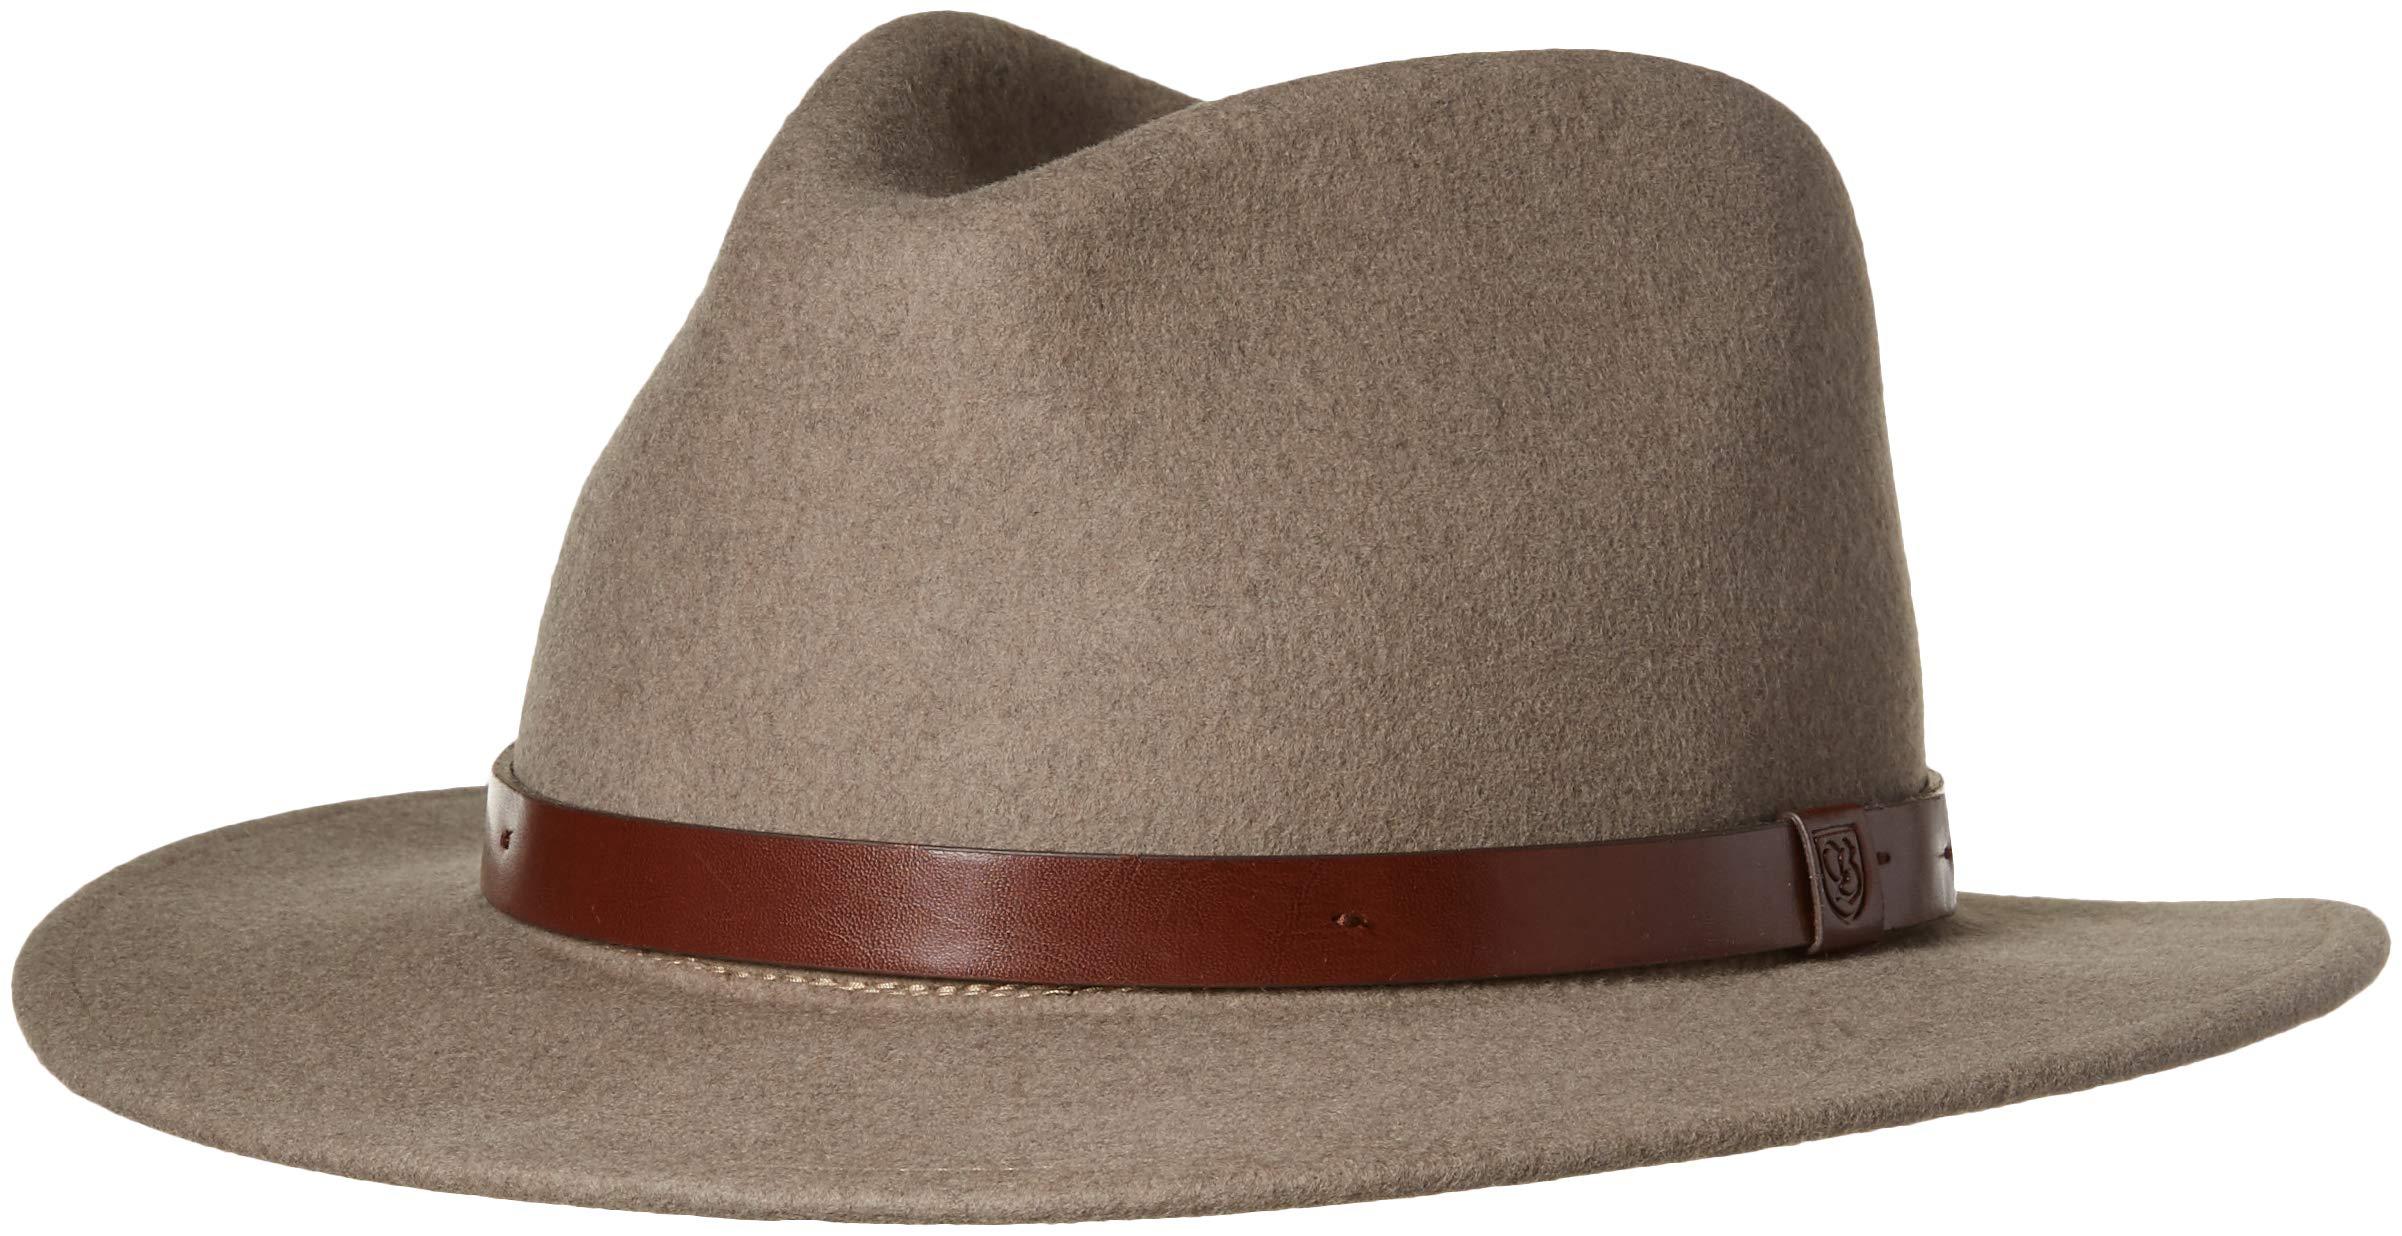 661fa135f2 Brixton Men's Messer Medium Brim Felt Fedora Hat, Heather Natural, XL